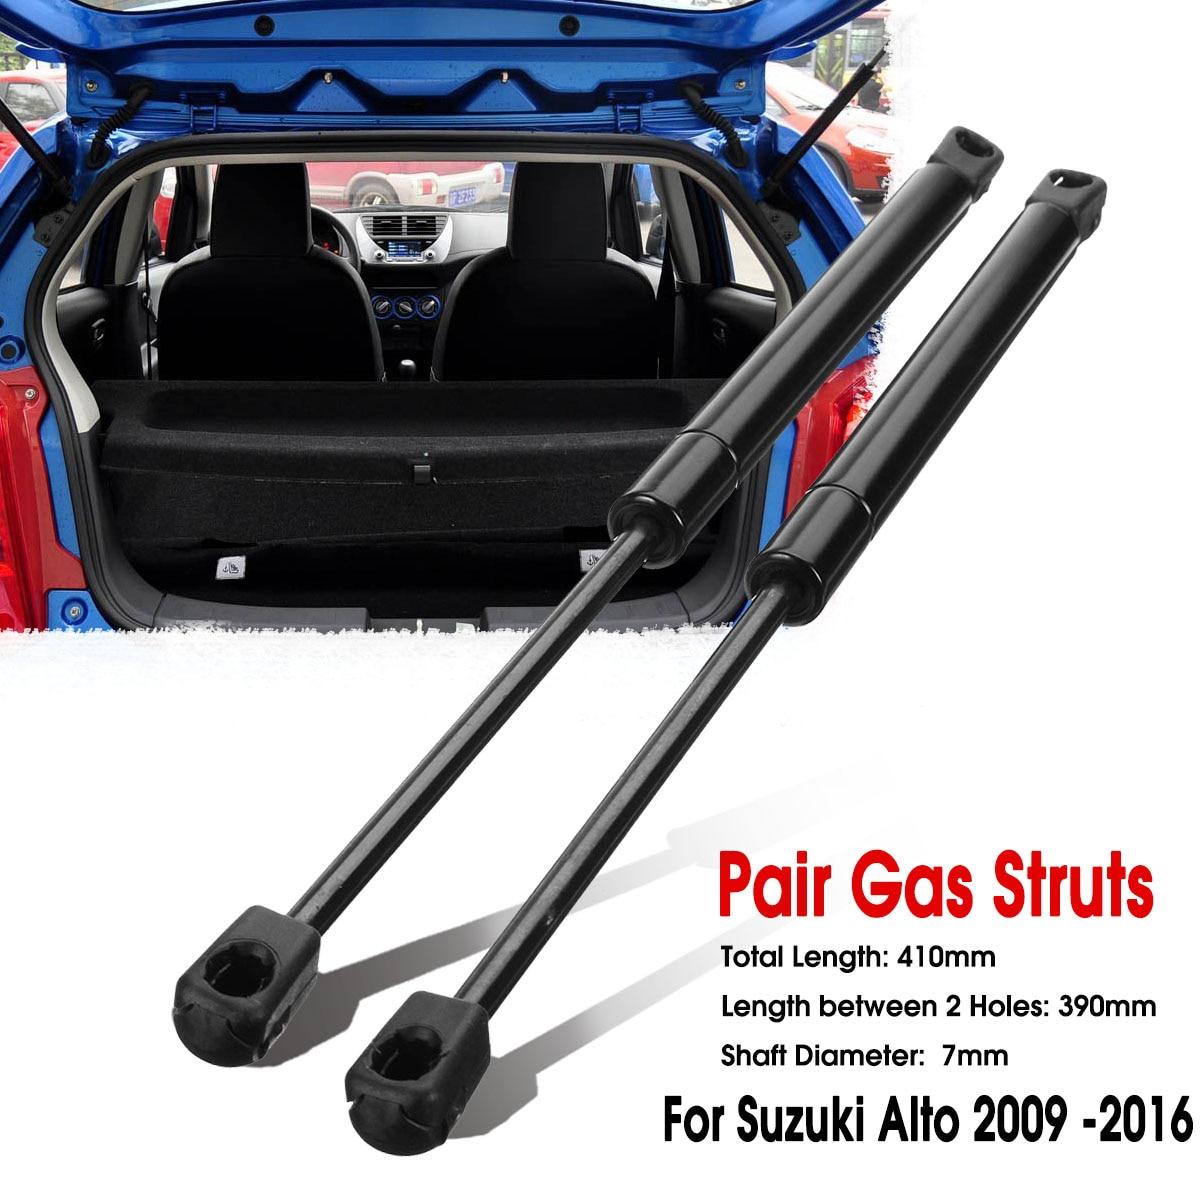 2 uds coche portón trasero de resorte de elevación de gas puntales bar para Suzuki Vitara Suzuki Splash Suzuki Alto Suzuki HA25 HA35 2009, 2010, 2011, 2012, 2013, 2014, 2015, 2016